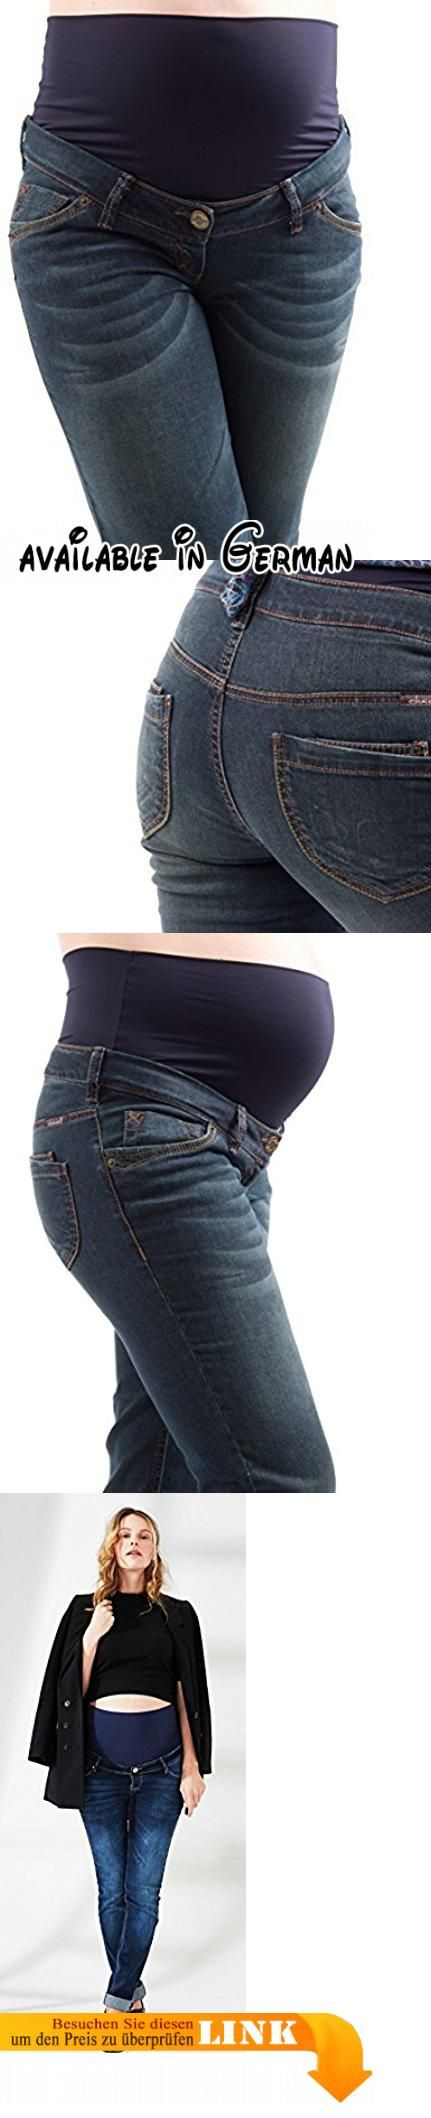 CHRISTOFF Designer Umstandsjeans vintage extra extralang Damen straight leg Jeans Gr. 38/length: 36. Designer Umstandsjeans von Christoff vintage blau extra extralang straight leg Jeans. Umstandsmode in extralang, die Hose für lange Beine.. Ihre neue Lieblingsjeans während der nächsten 9 Monate. Die Hose ist nach unten leicht ausgestellt Schlaghose somit macht sie schlanke lange Beine und einen sexy Po.. Beininnenlänge = 95 cm // Fußweite (Gr. 38) = 23 cm. Pflegehinweis: